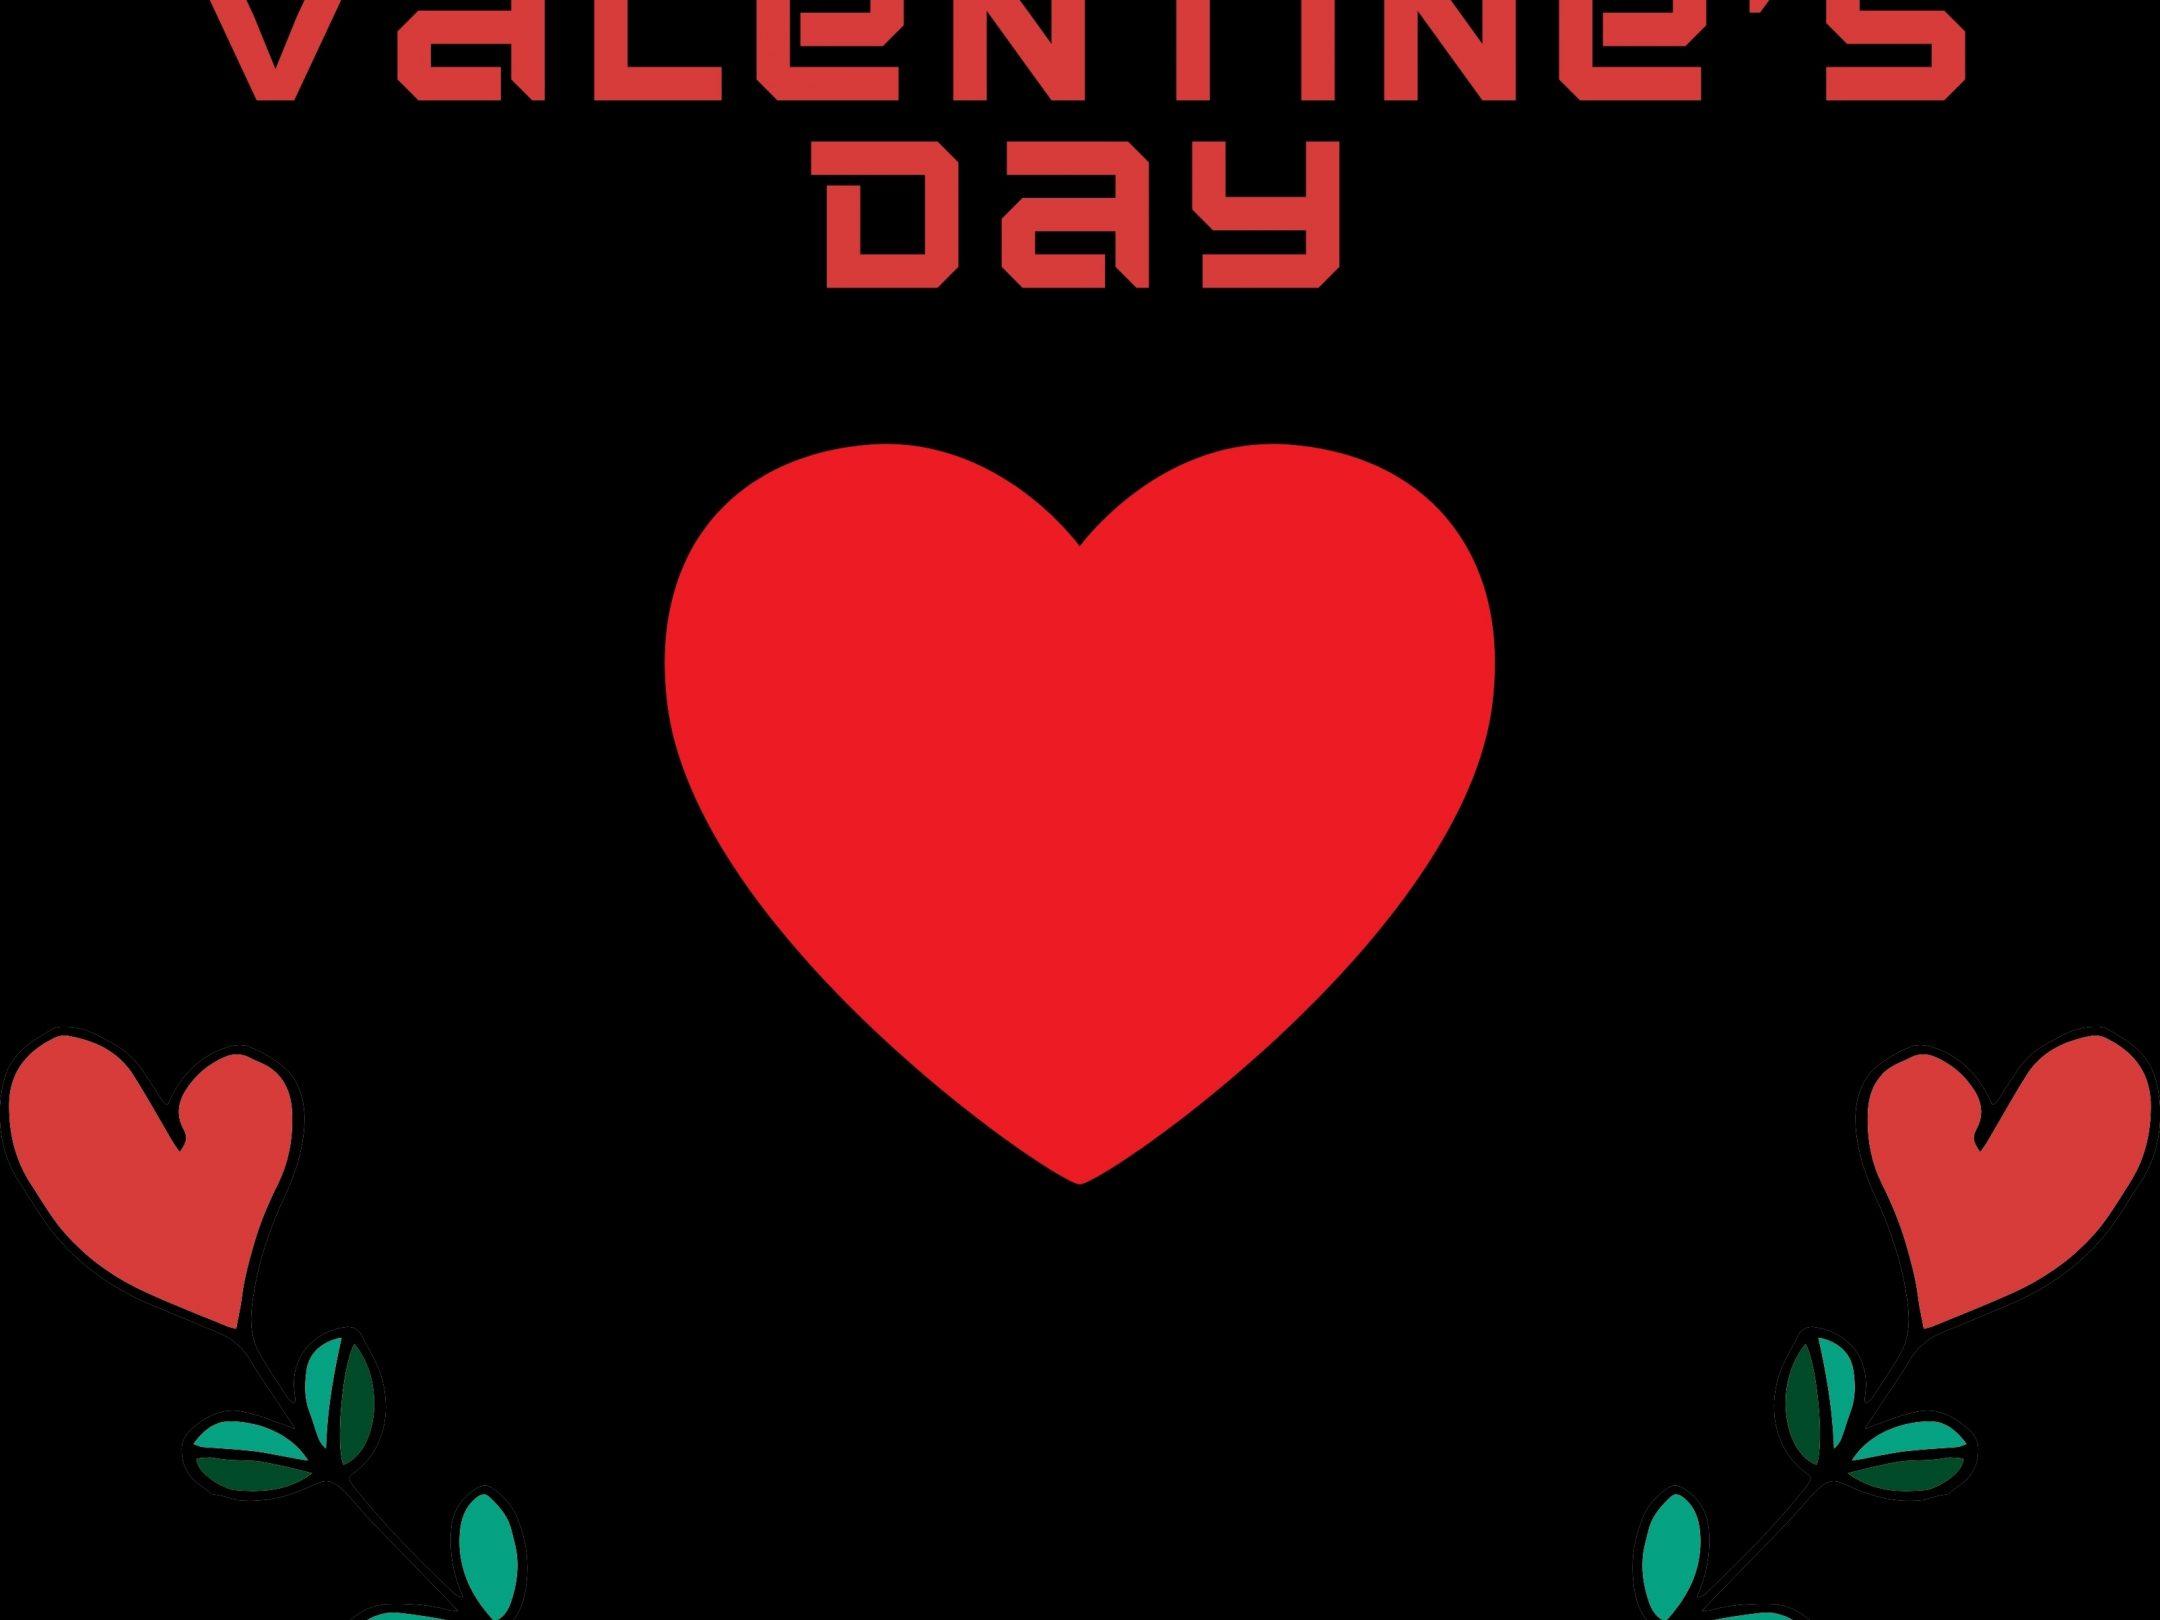 2160x1620 iPad wallpaper 4k Happy Valentines Day February 14 iPad Wallpaper 2160x1620 pixels resolution